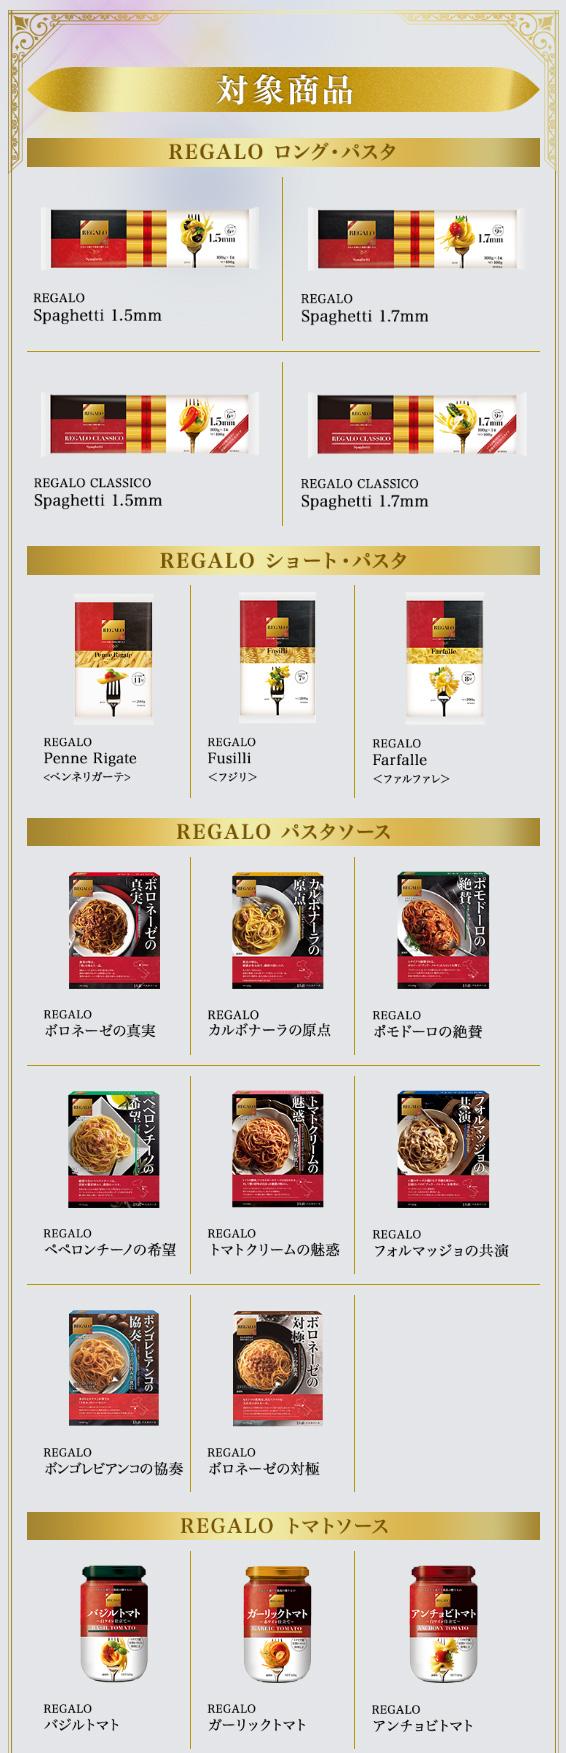 レガーロ REGALO 宝塚懸賞キャンペーン2018 対象商品